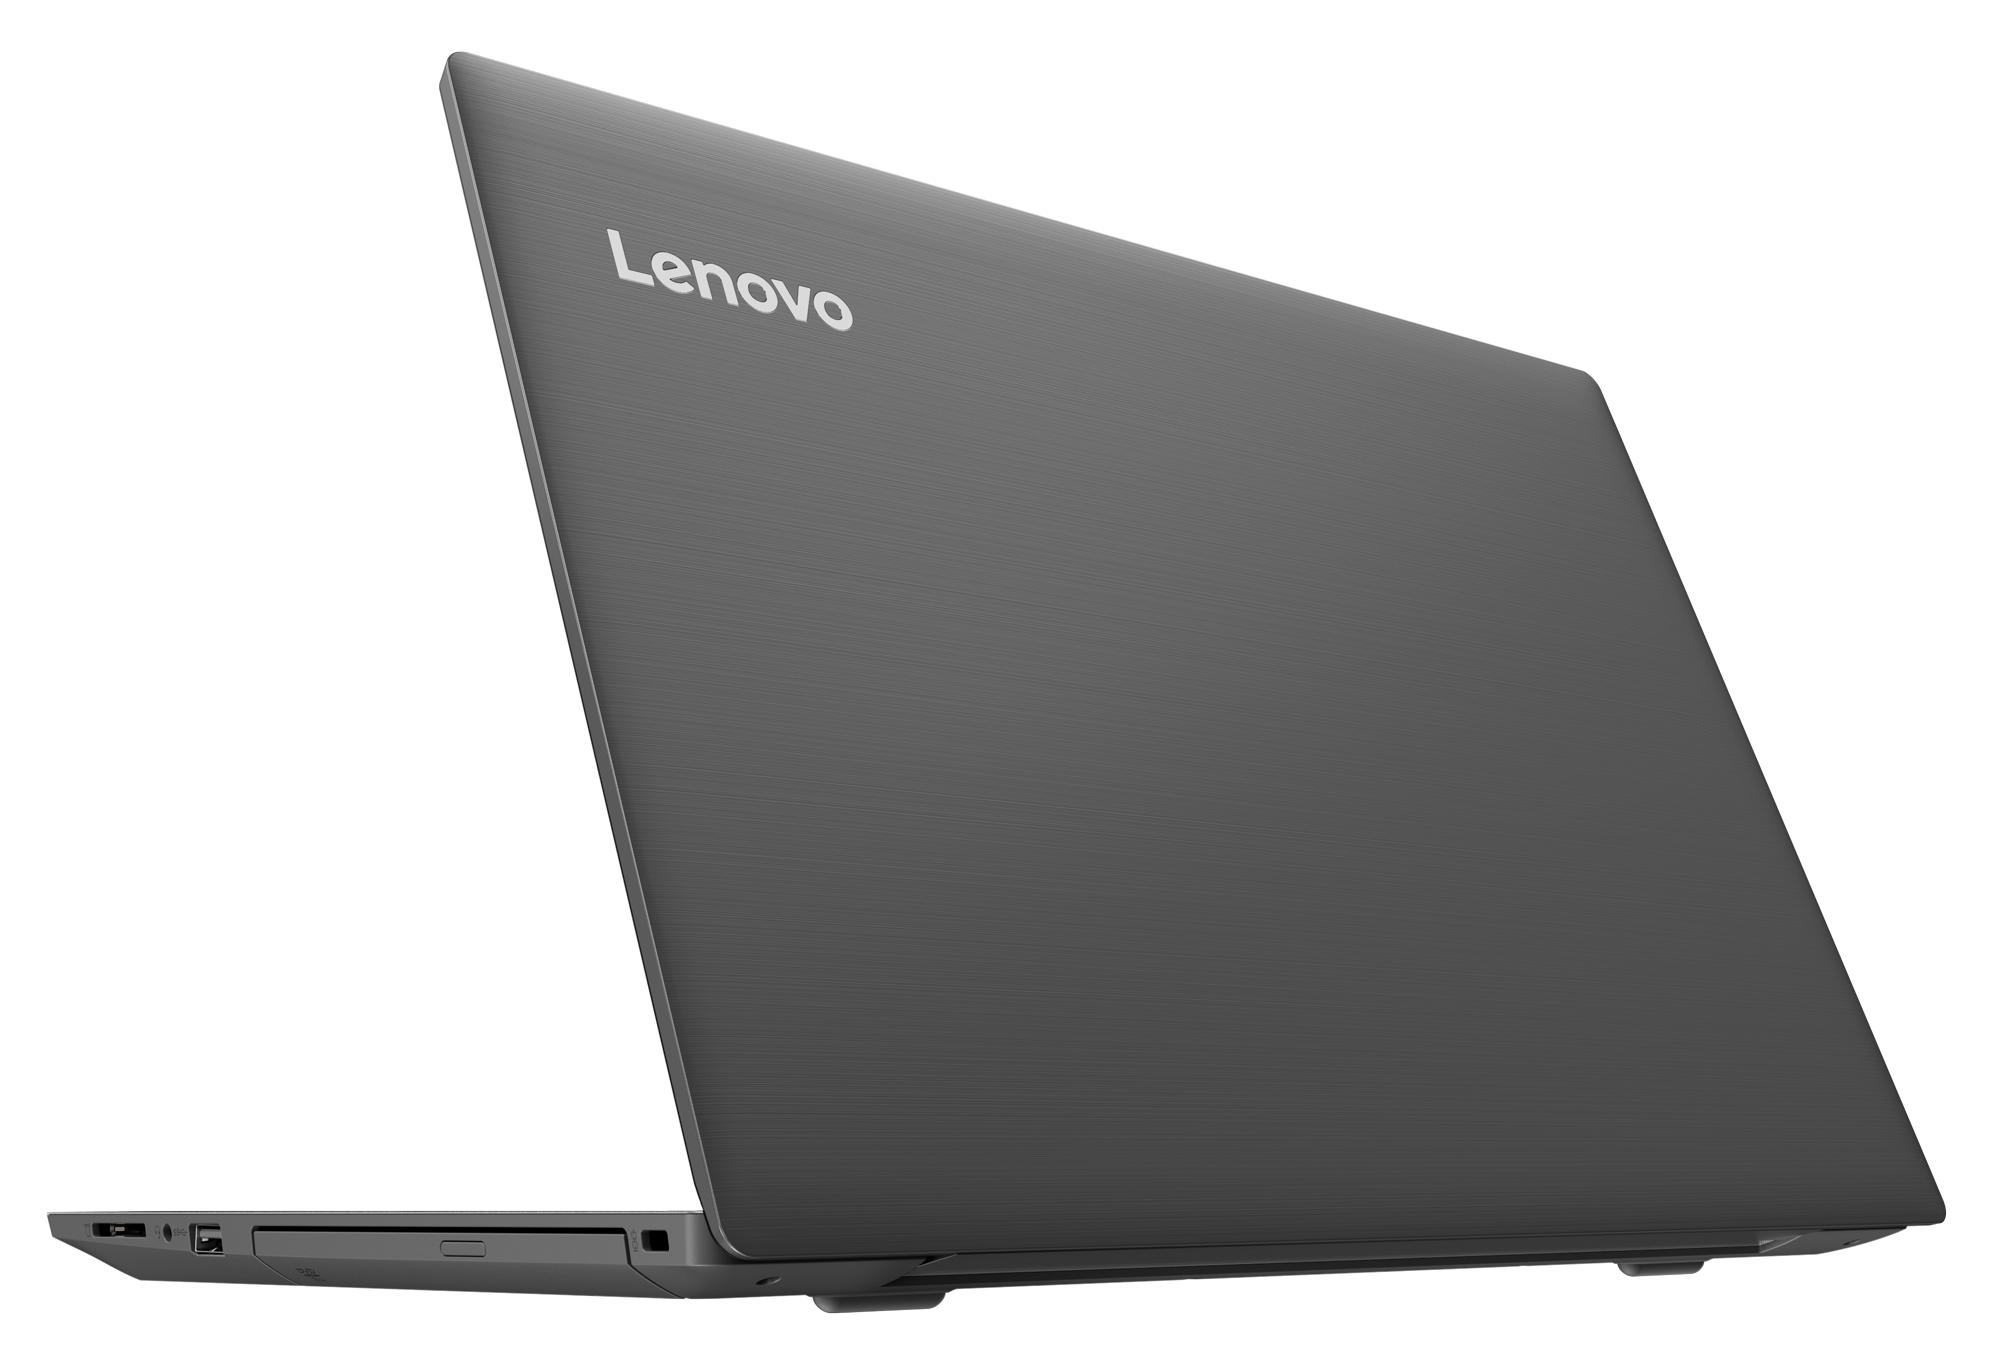 Фото  Ноутбук Lenovo V330-15IKB Iron Grey (81AX012LUA)